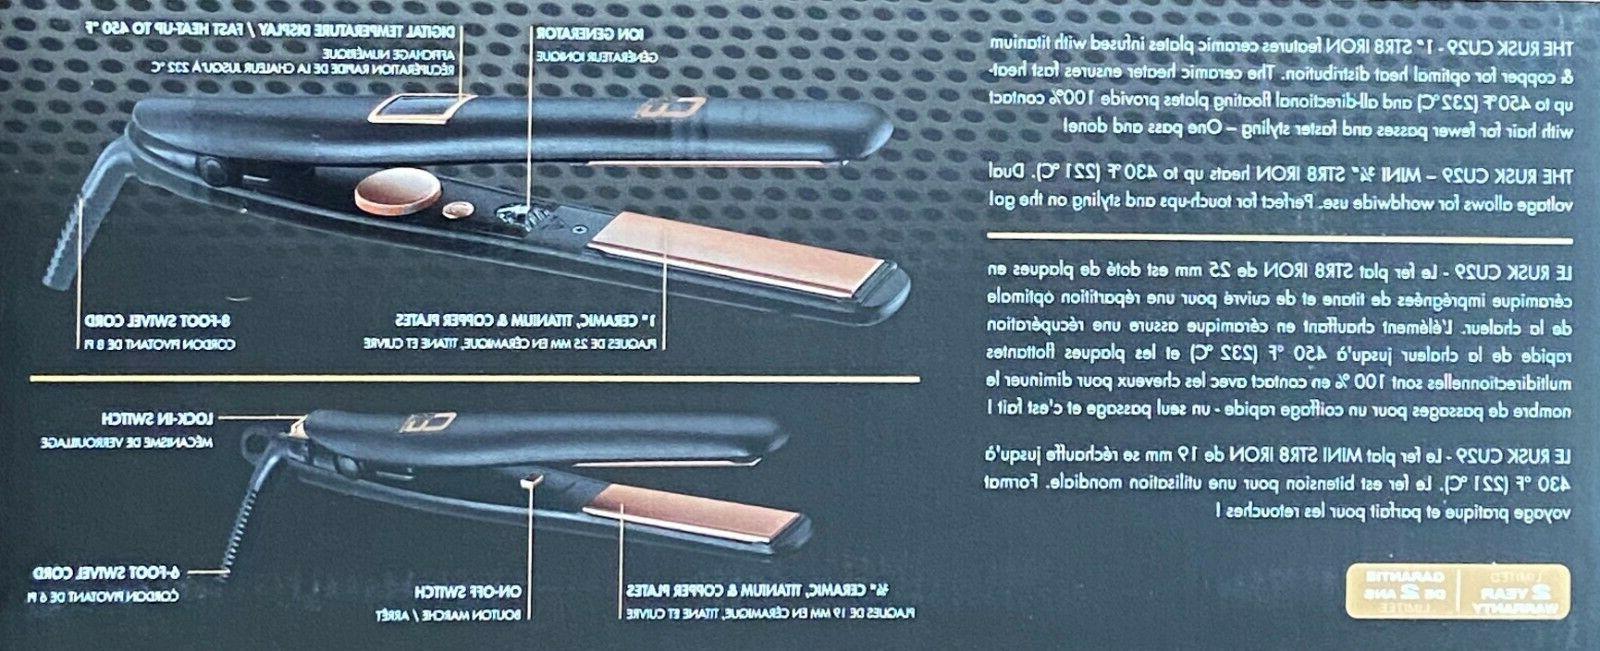 RUSK CU STR8 IRON 450° COPPER